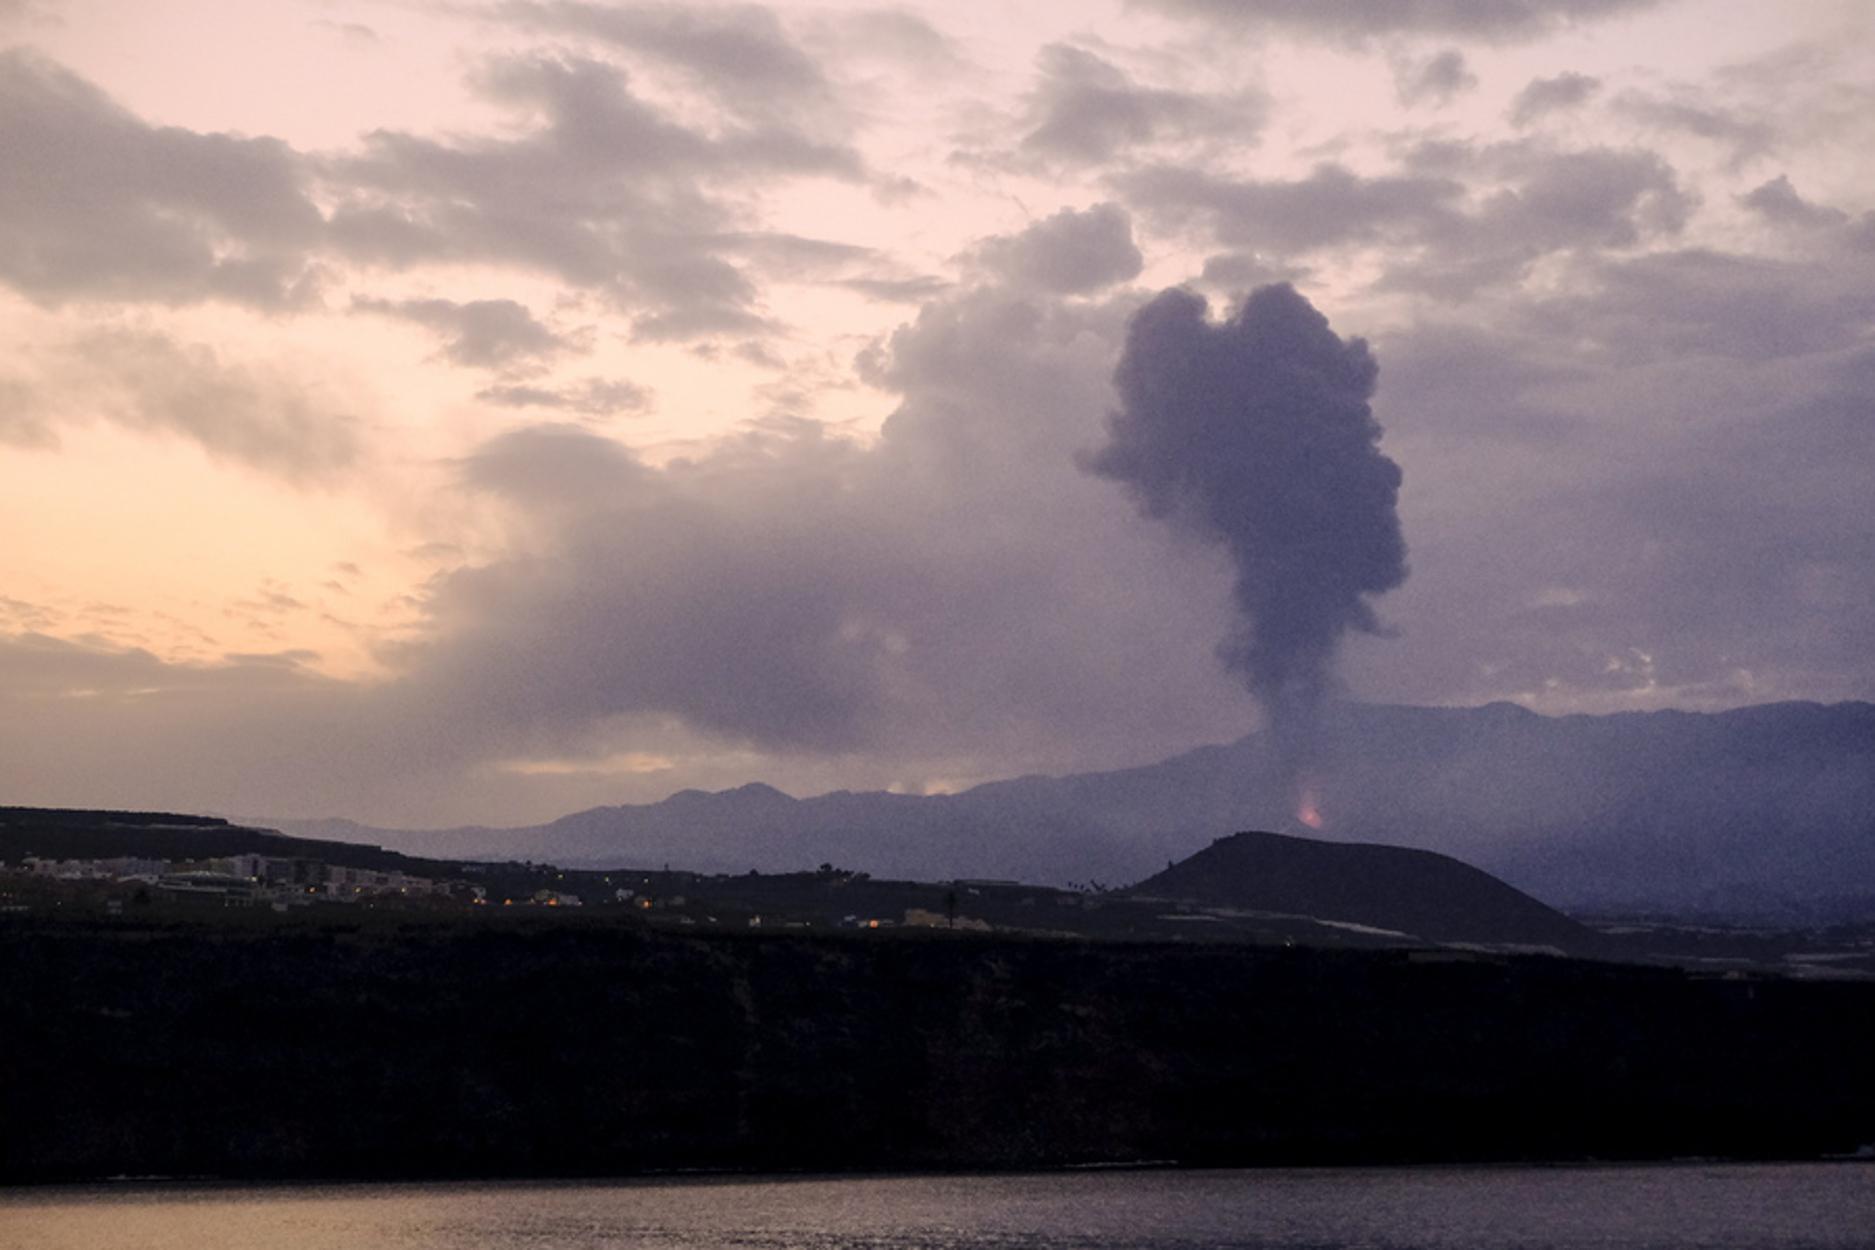 Λα Πάλμα – ηφαίστειο: Η λάβα πλησιάζει τη θάλασσα – Εντολή σε κατοίκους να μείνουν σπίτια τους